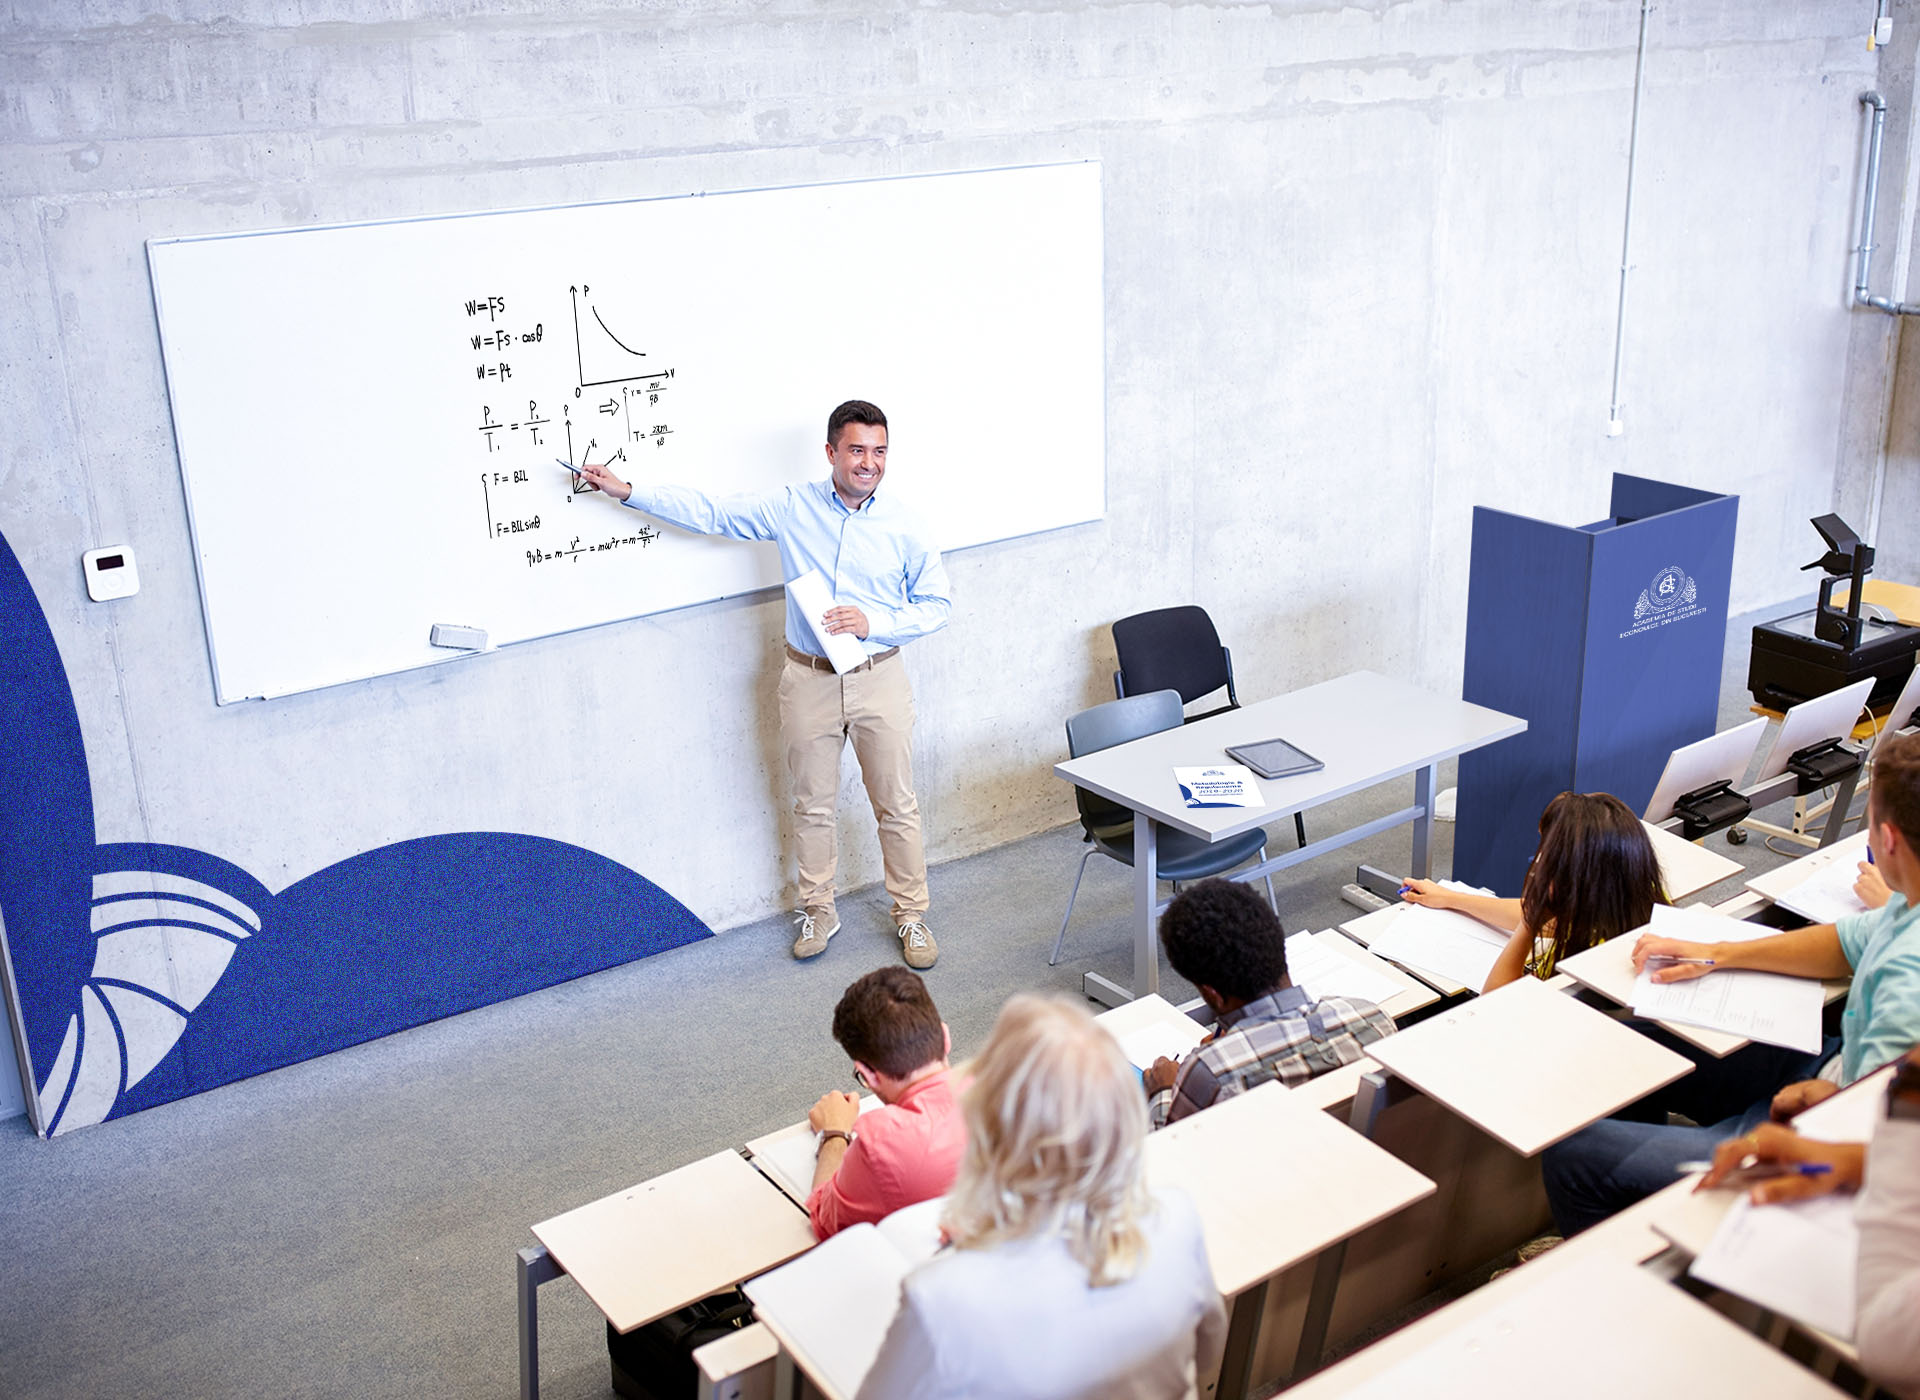 Academia de Studii Economie din Bucuresti portfolio inoveo classroom